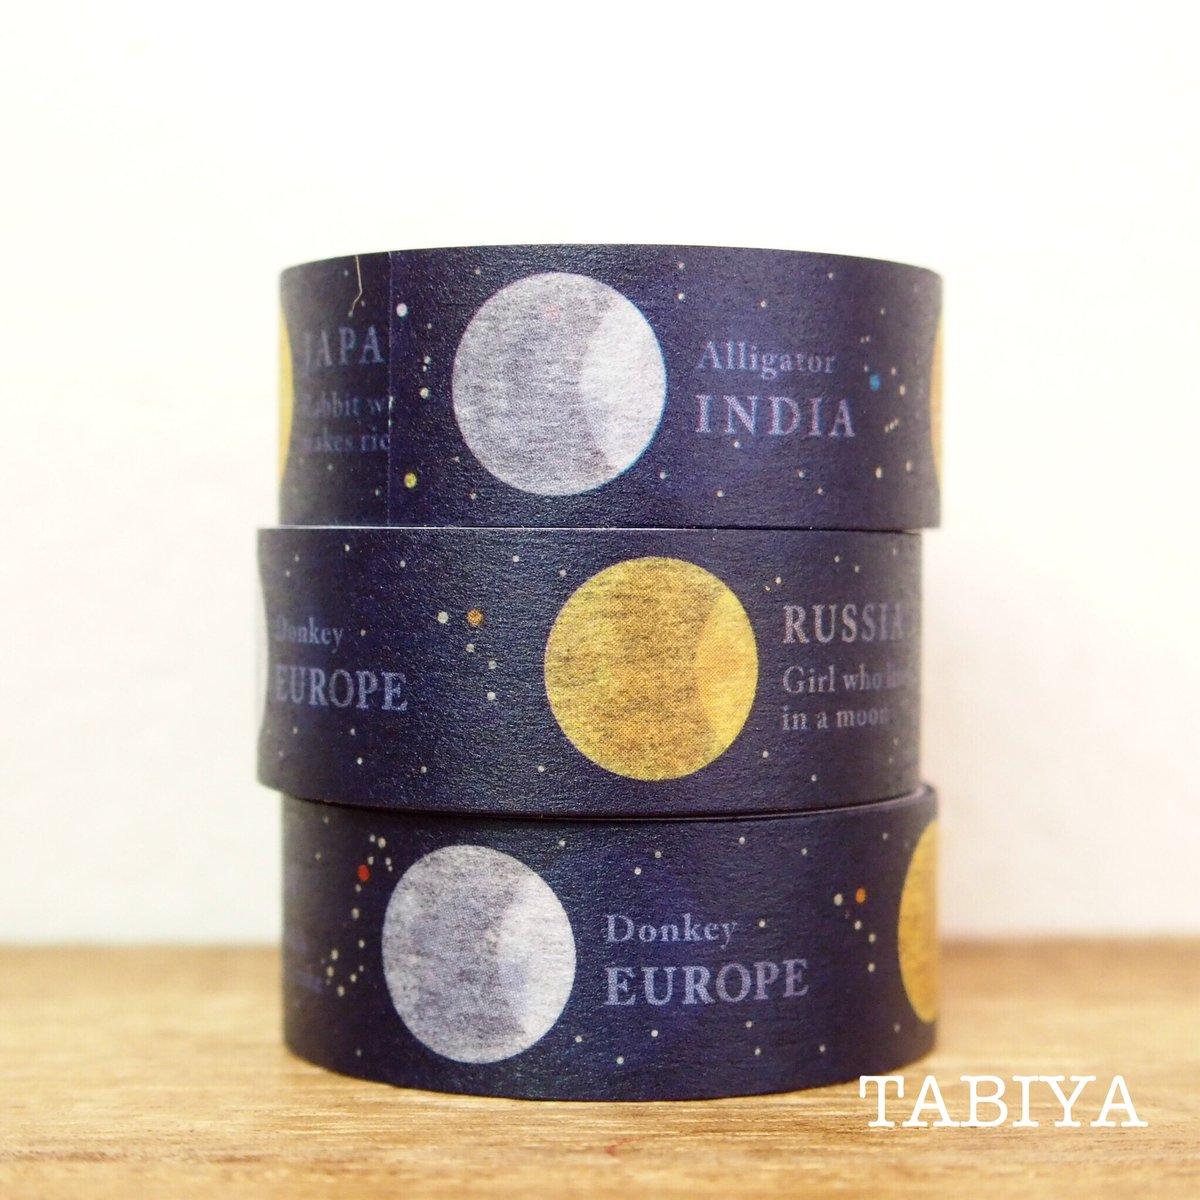 「月のマスキングテープ 月のもよう/月のかたち」 https://t.co/M0cfsfmdRw